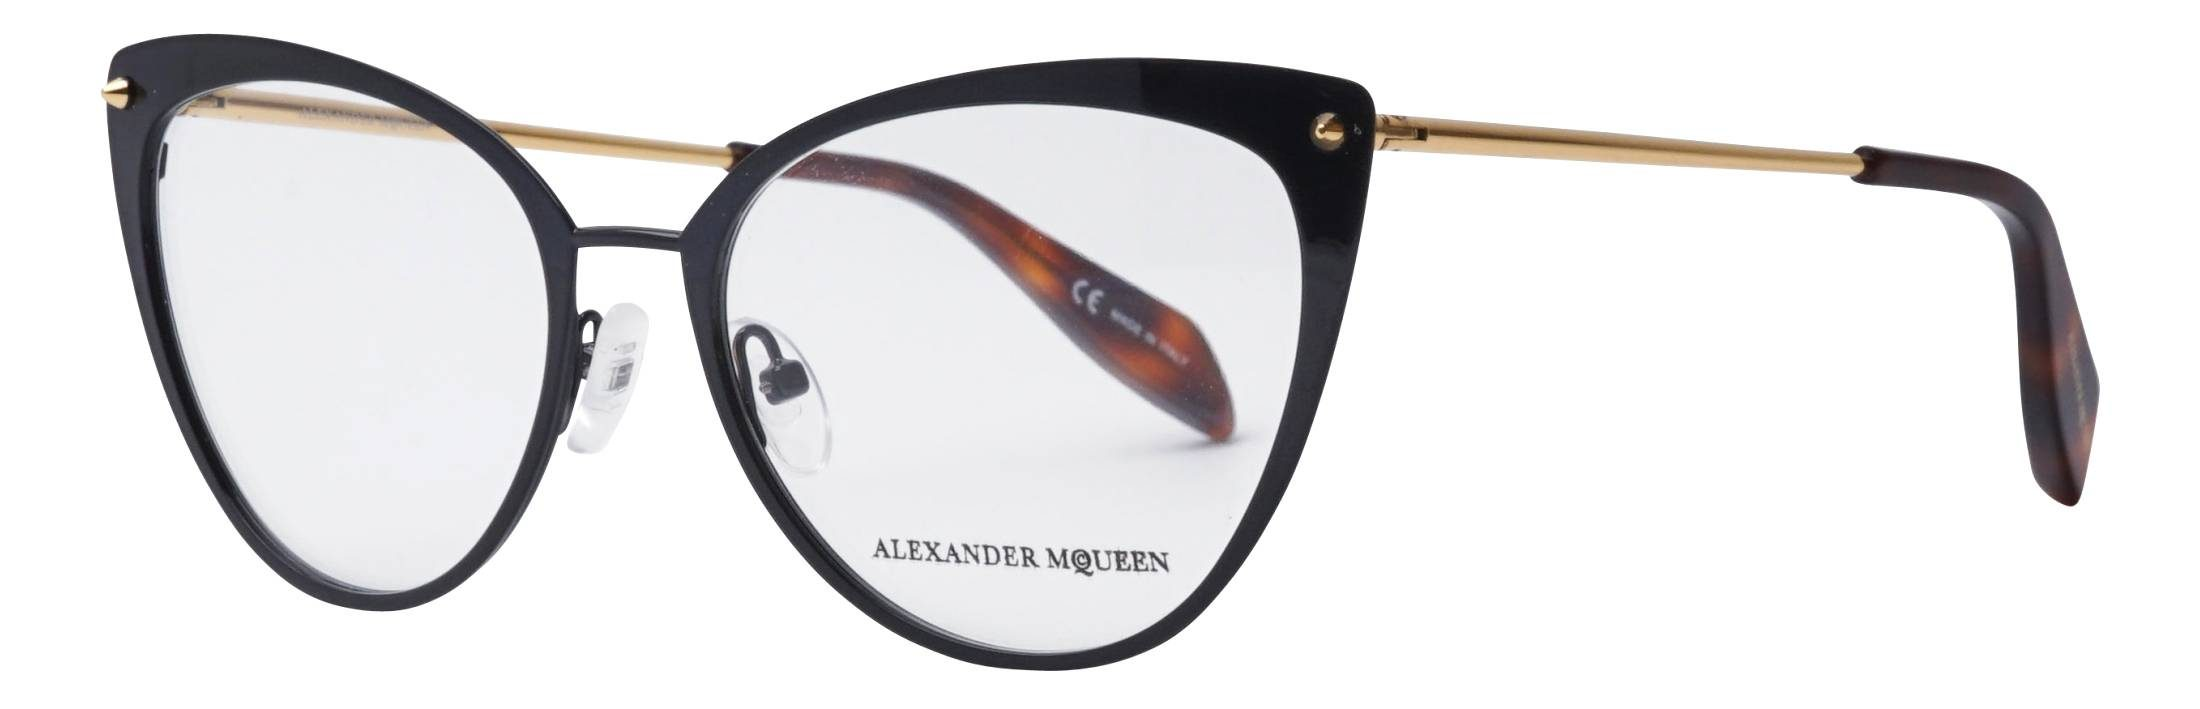 AM 014OO 002 ALEXANDER MQUEEN